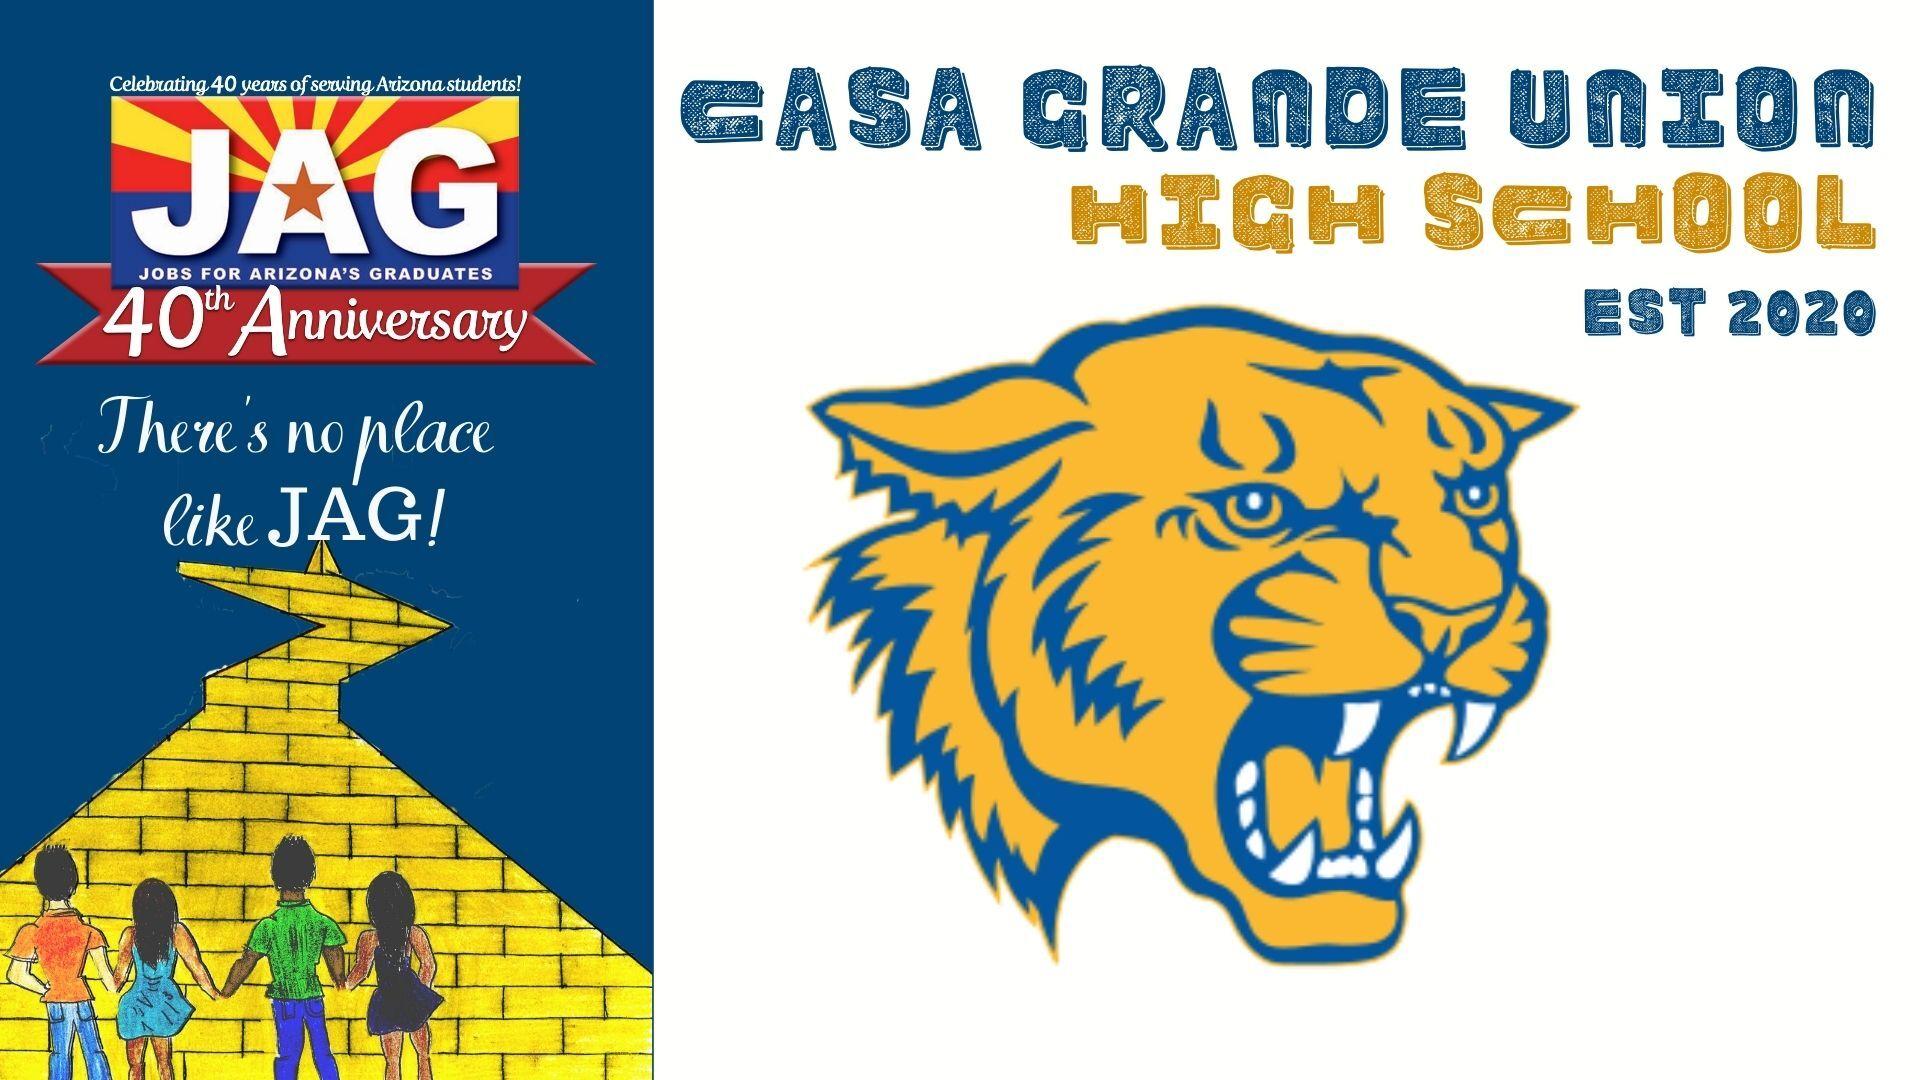 Casa Grande High School